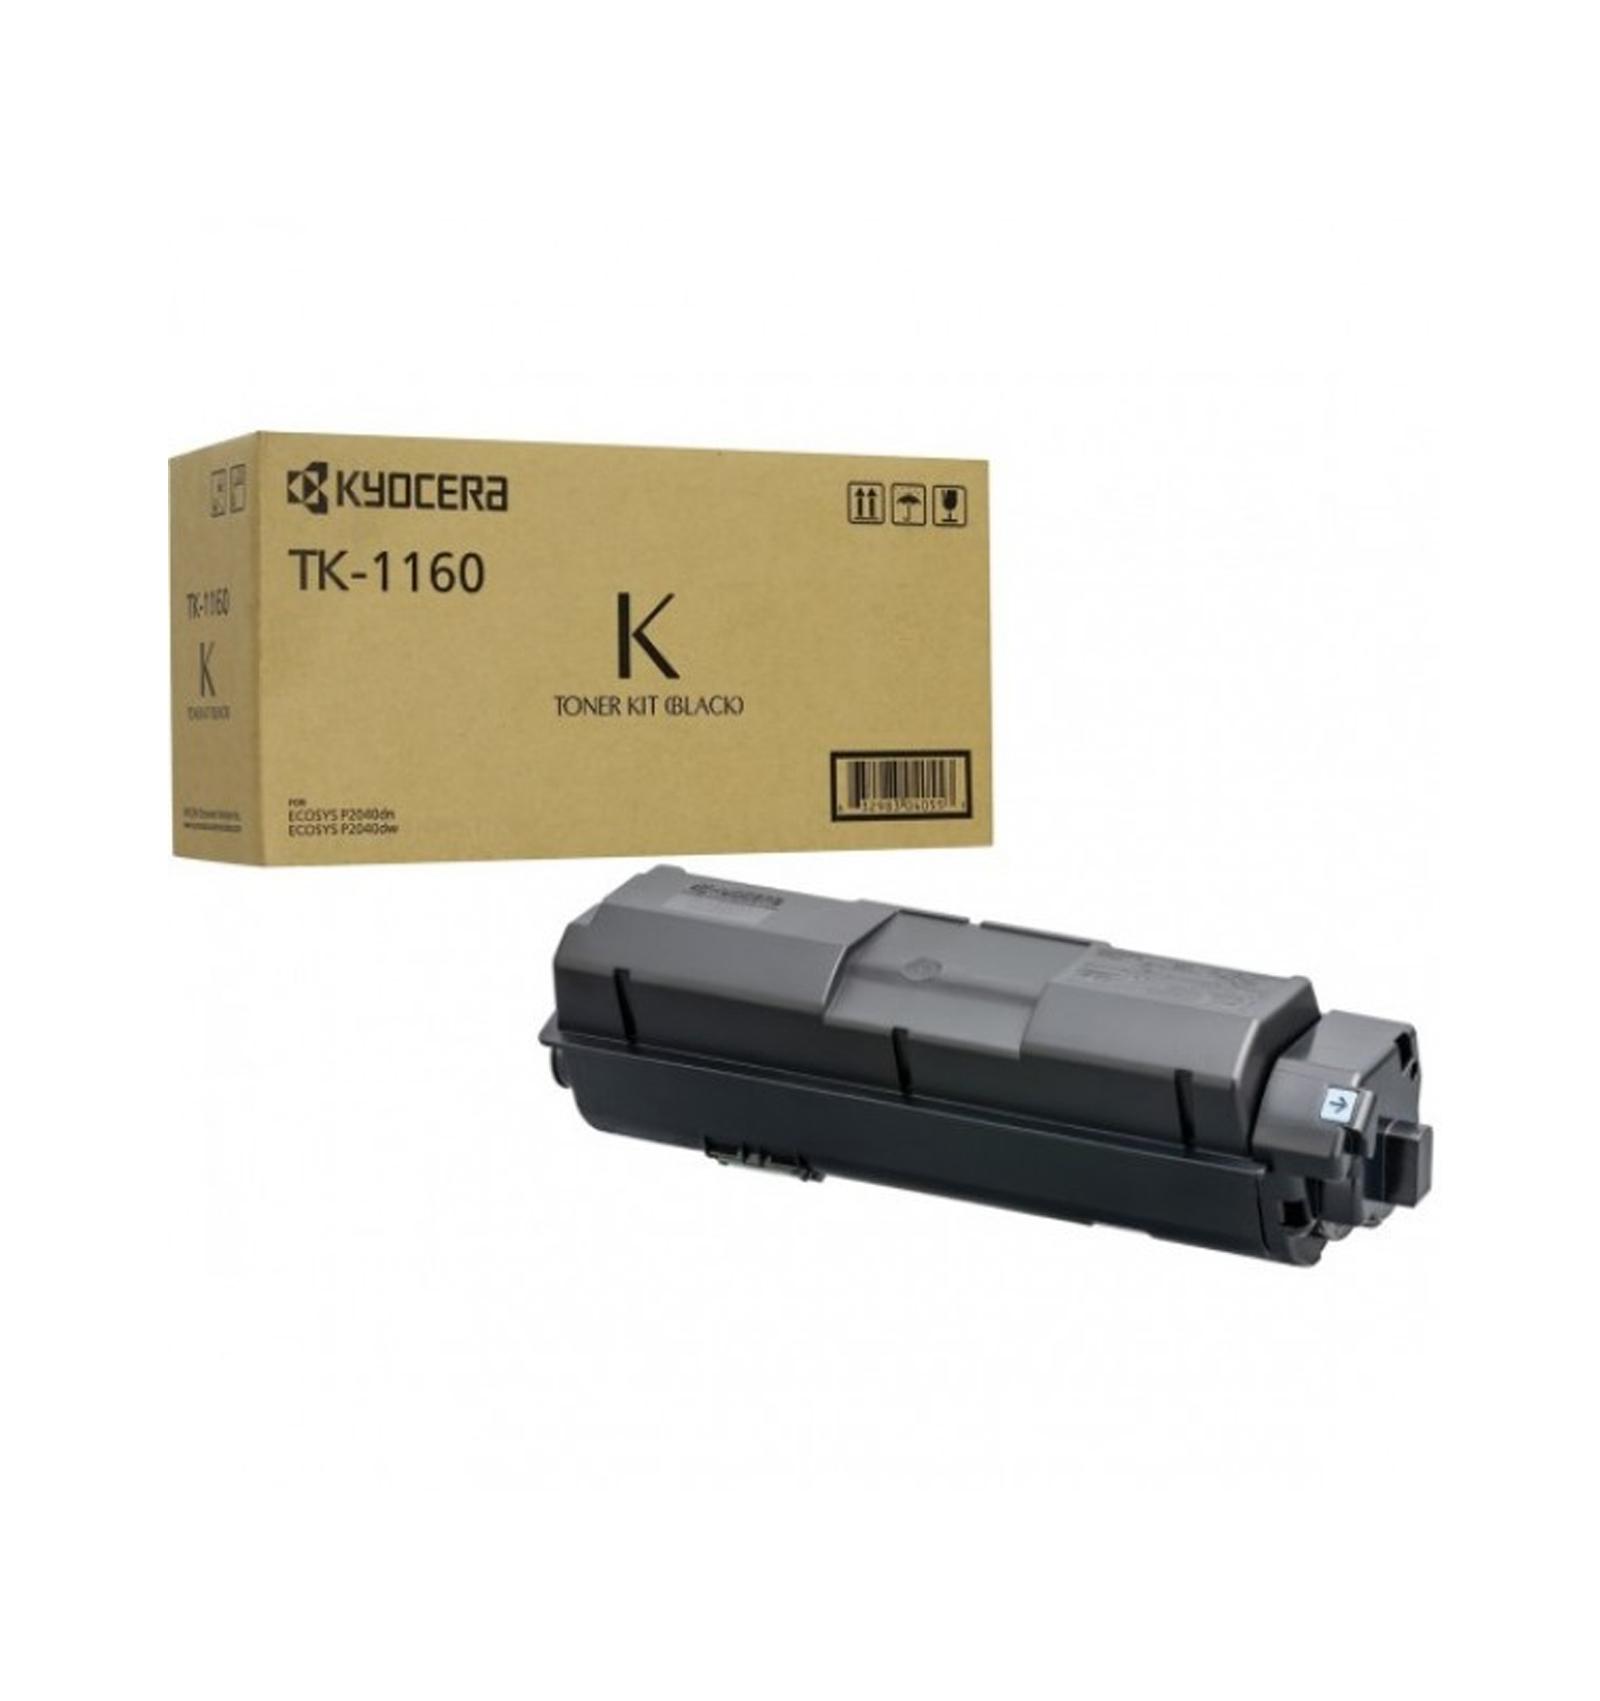 Заправка картриджа Kyocera TK-1160 для Kyocera ECOSYS P2040dn / P2040dw